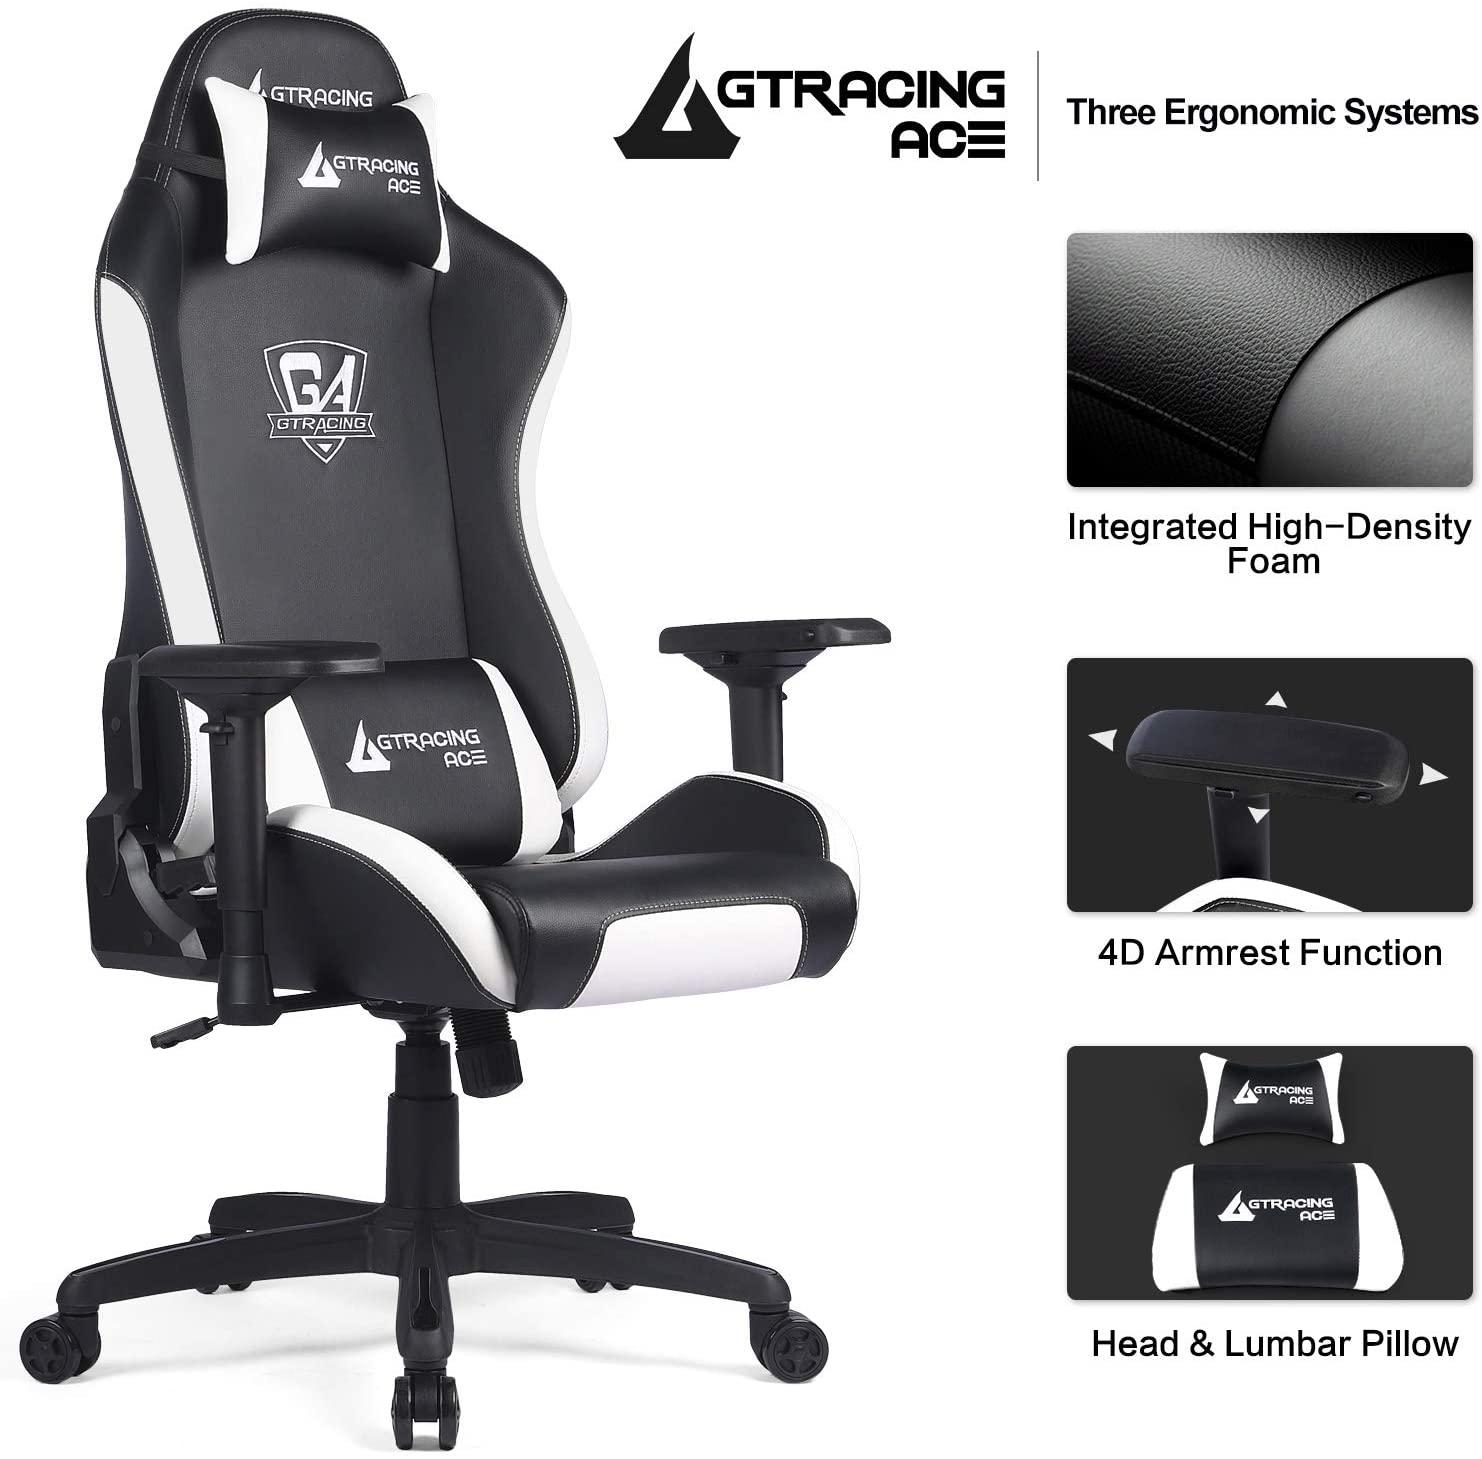 Chaise gaming dotée d'un dossier, de coussin lombaire et d'appui-tête